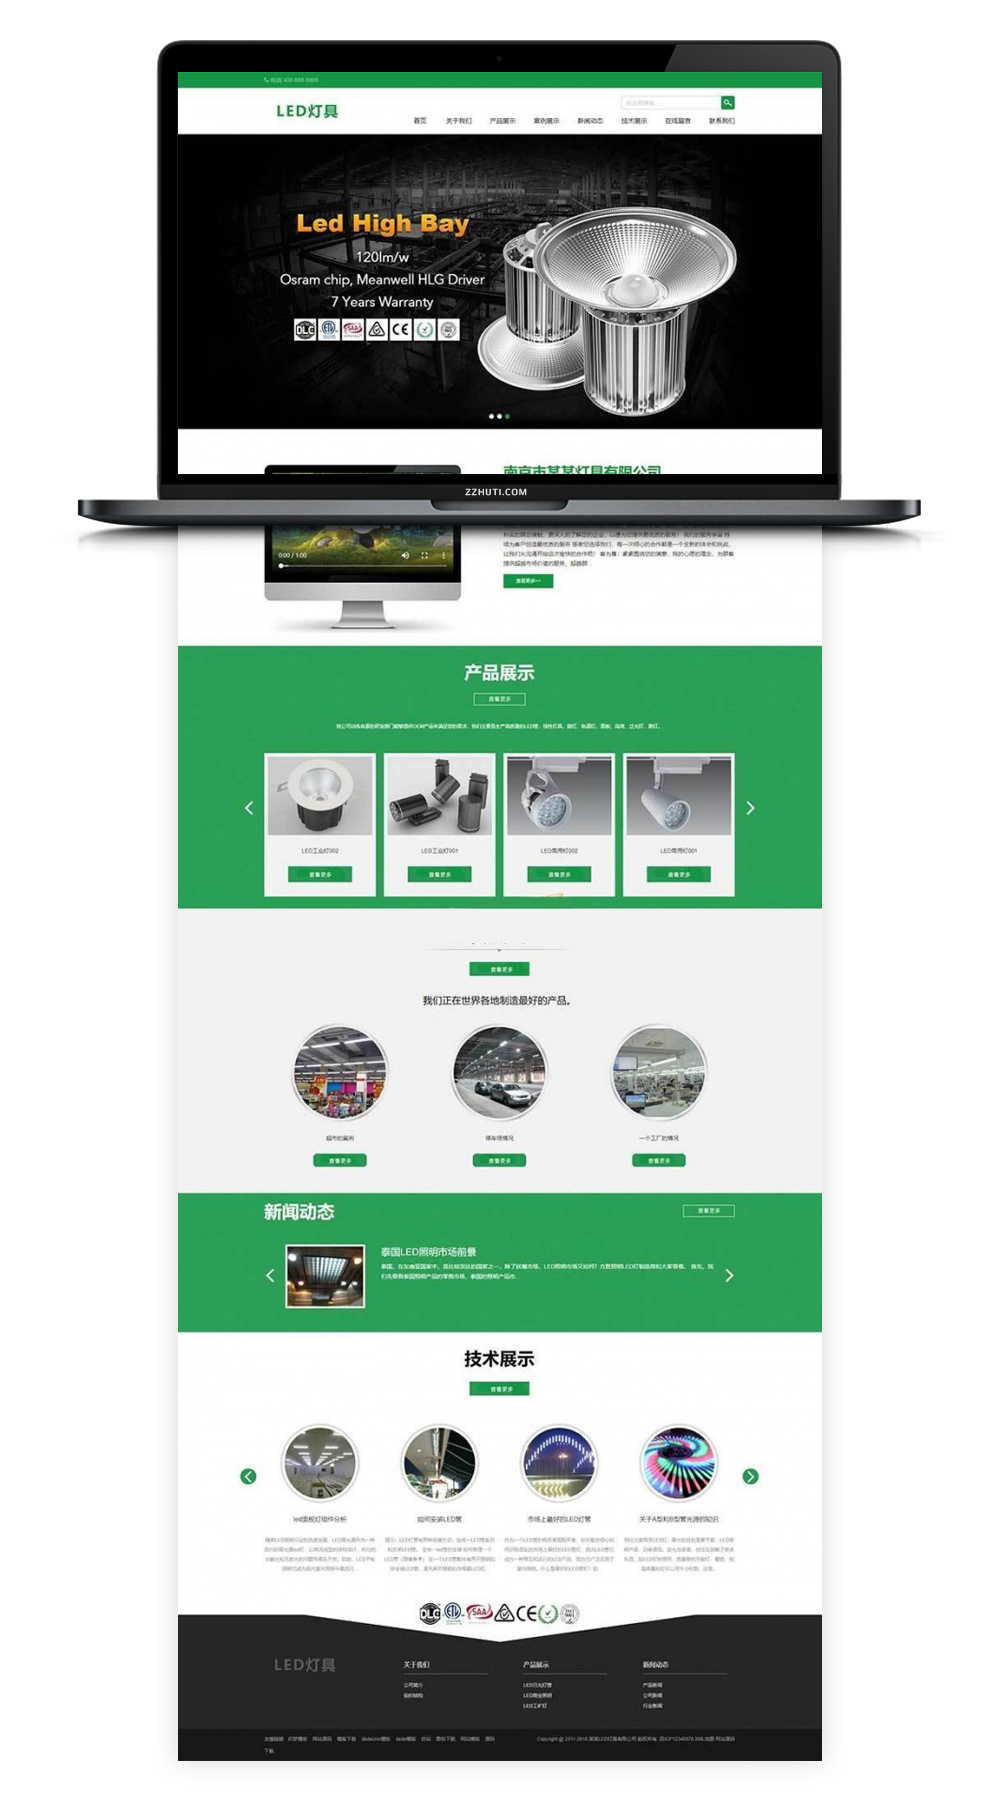 【织梦灯具企业模板】html5响应式LED灯具织梦企业网站源码-蓝汇源码